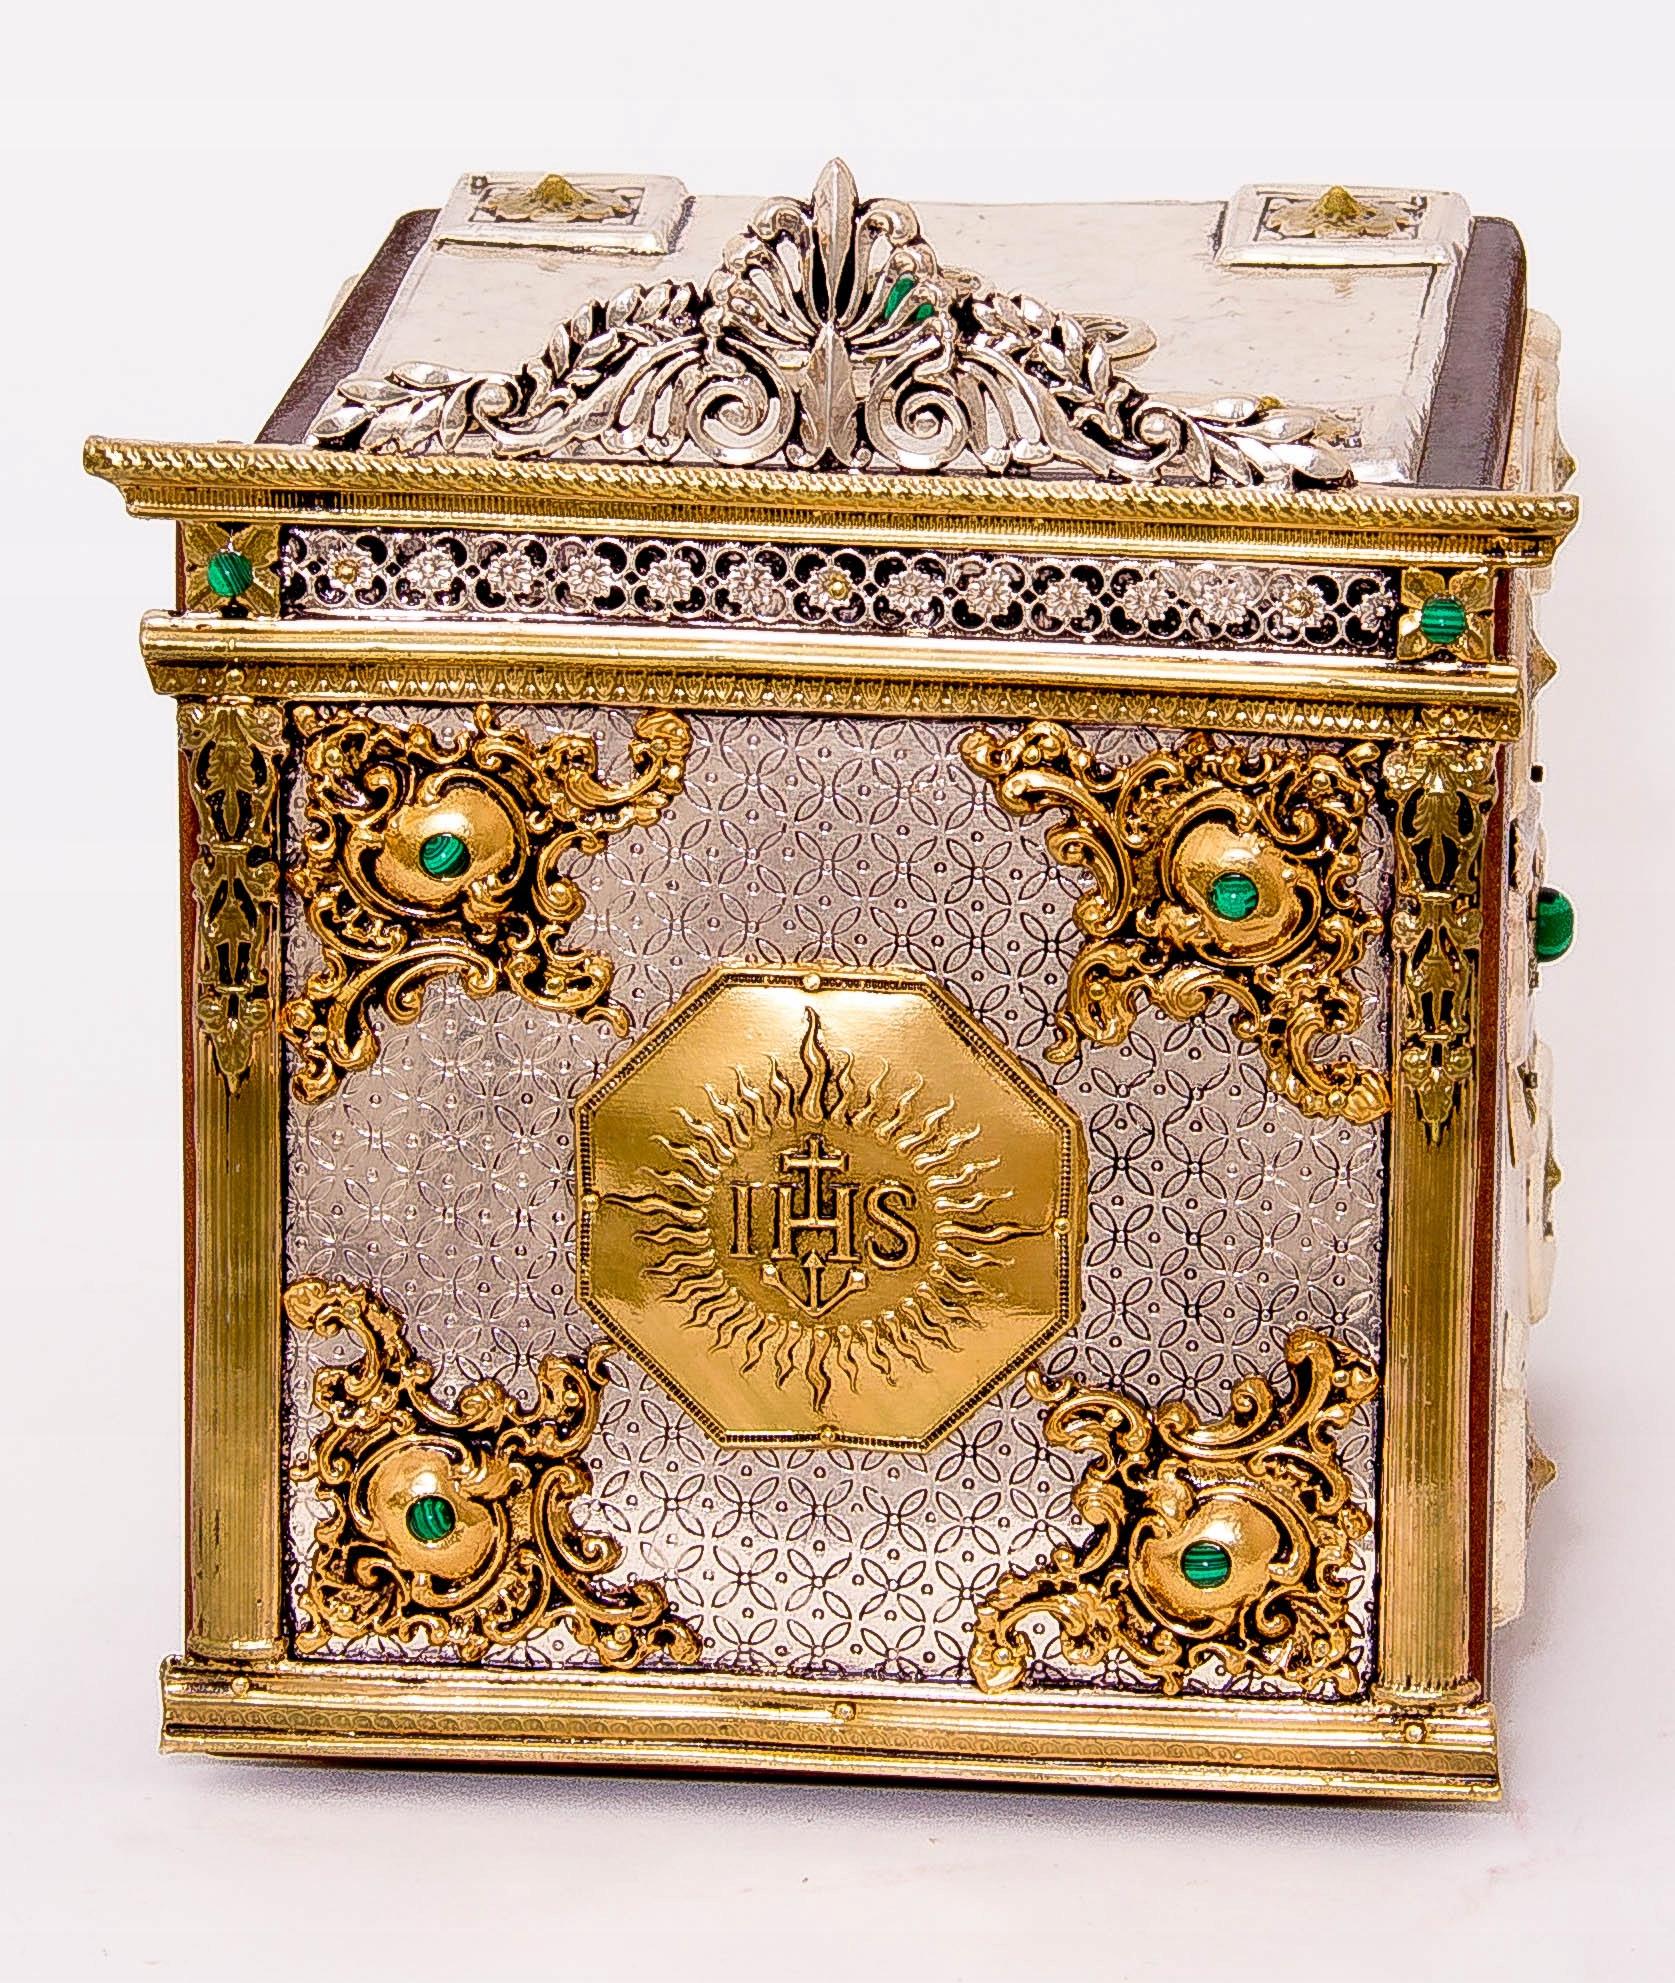 Srebrzone i złocone tabernakulum kolekcjonerskie! Szerokość 14 cm